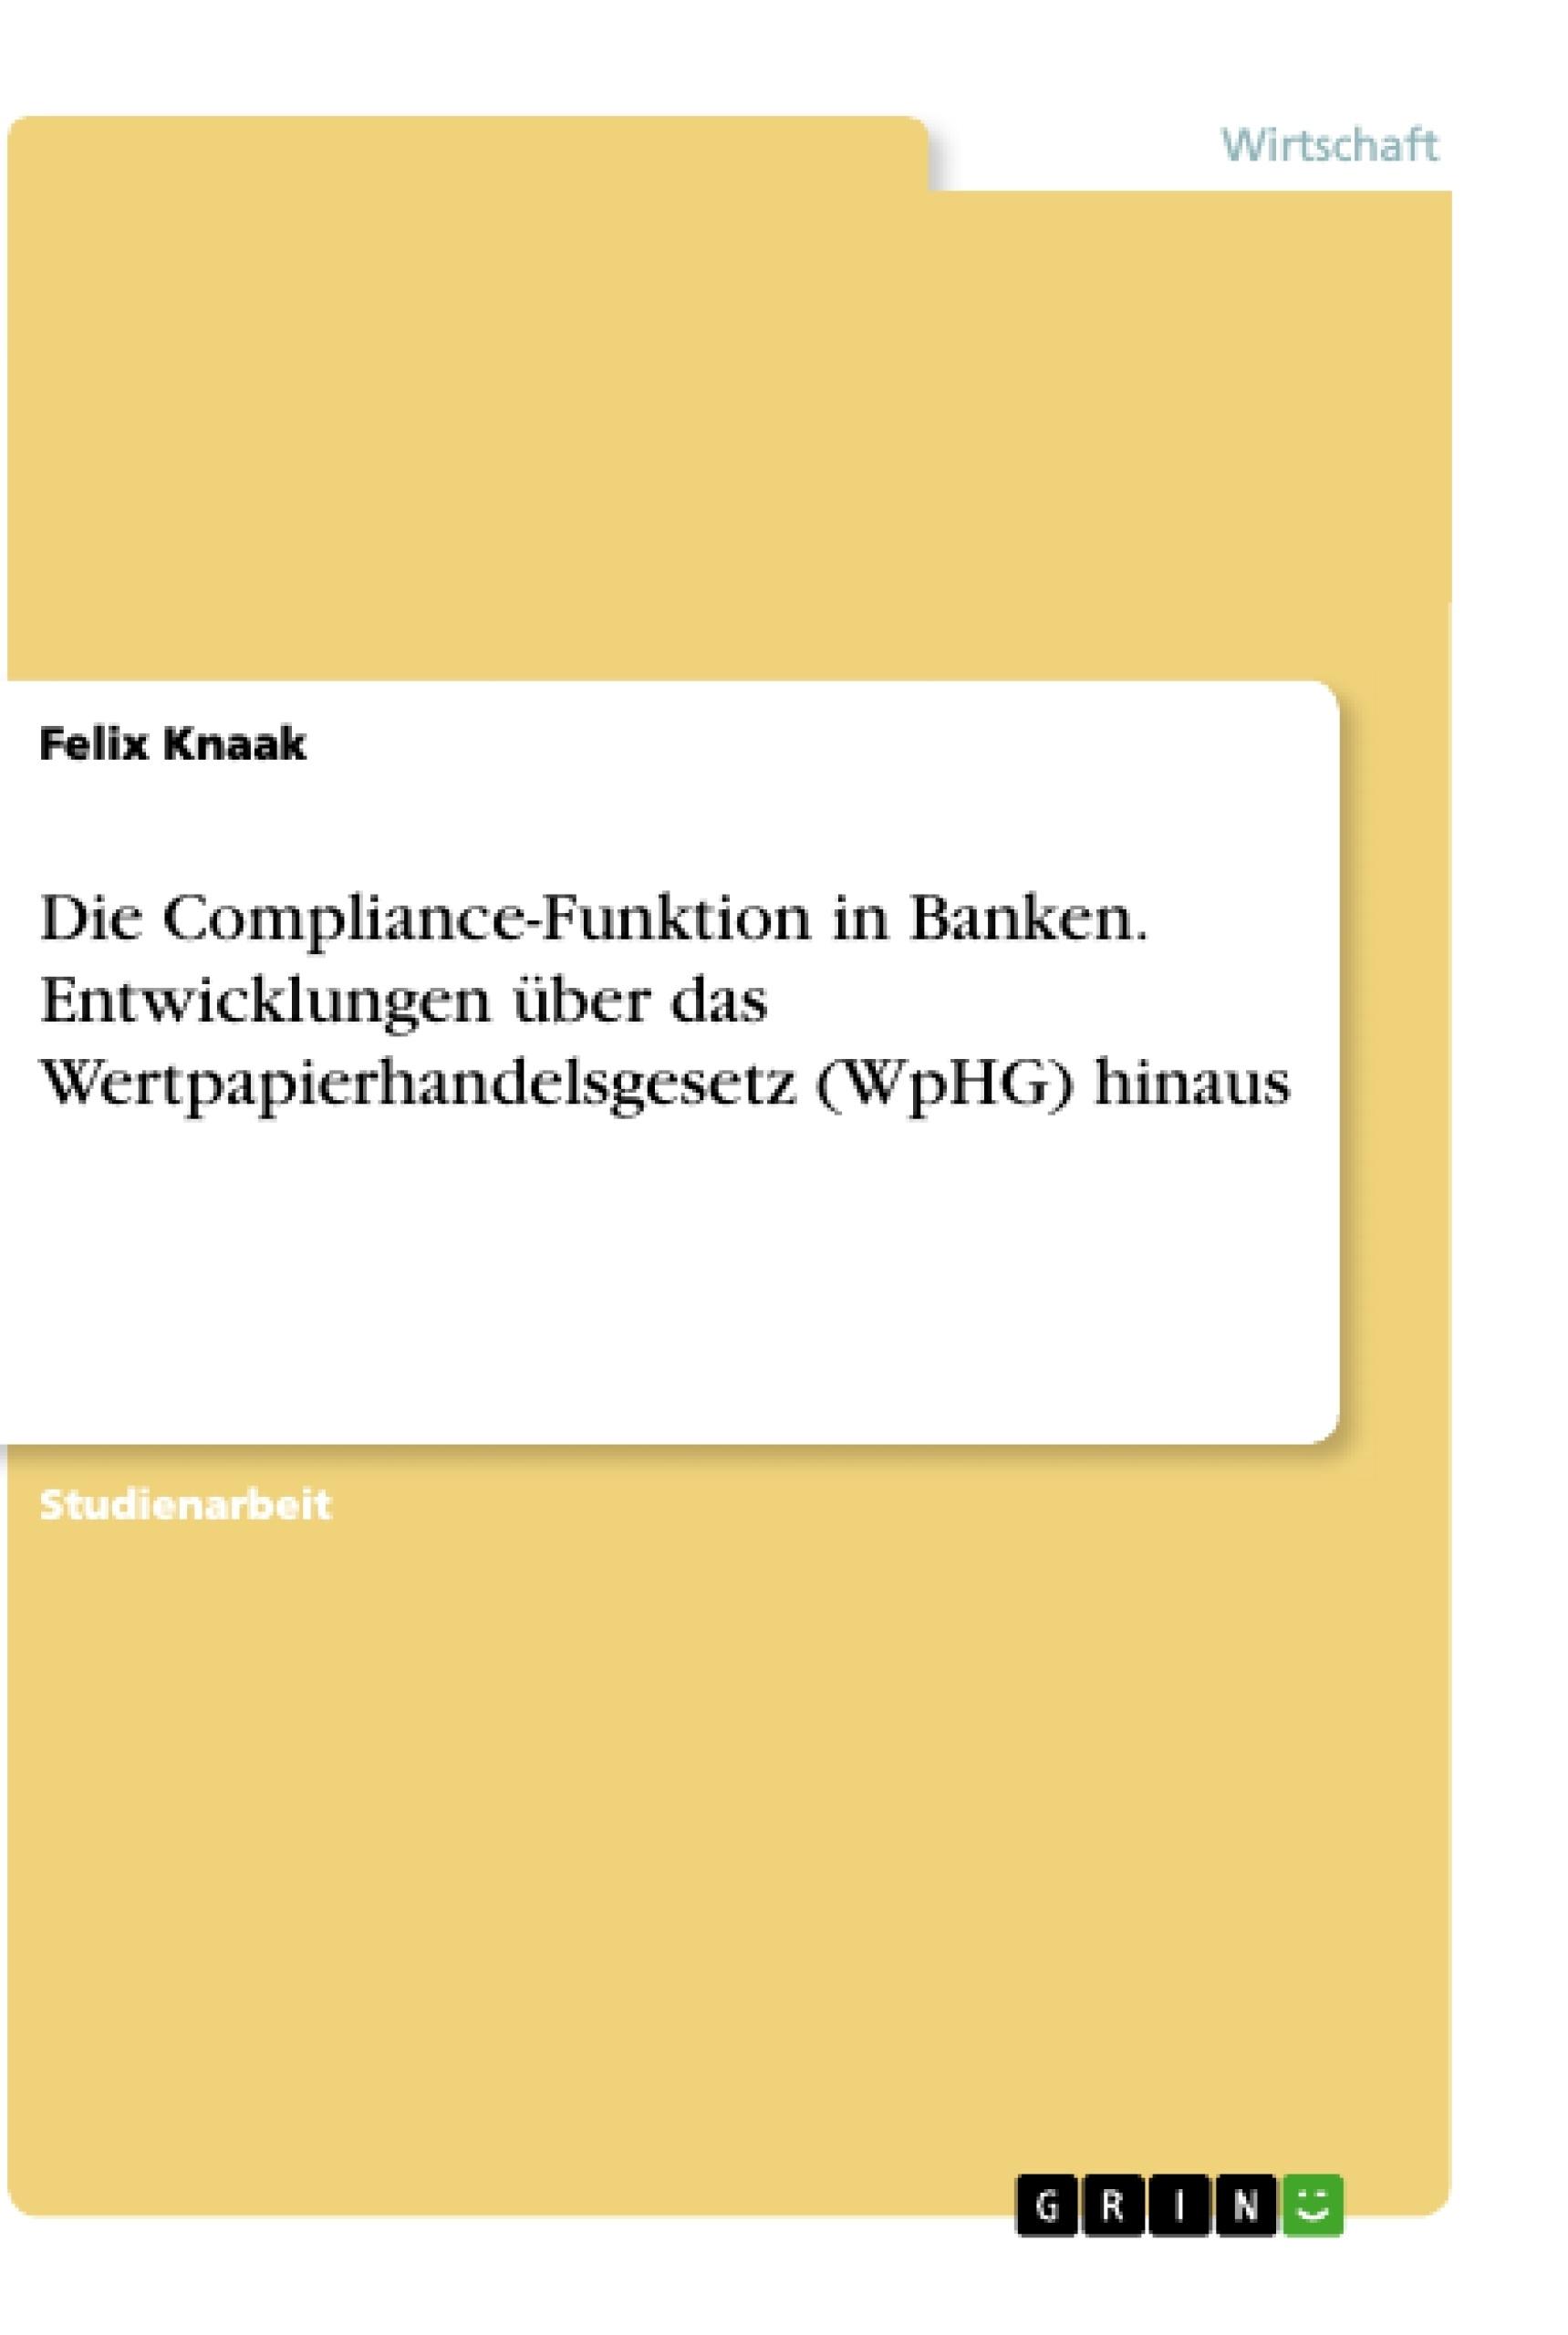 Titel: Die Compliance-Funktion in Banken. Entwicklungen über das Wertpapierhandelsgesetz (WpHG) hinaus